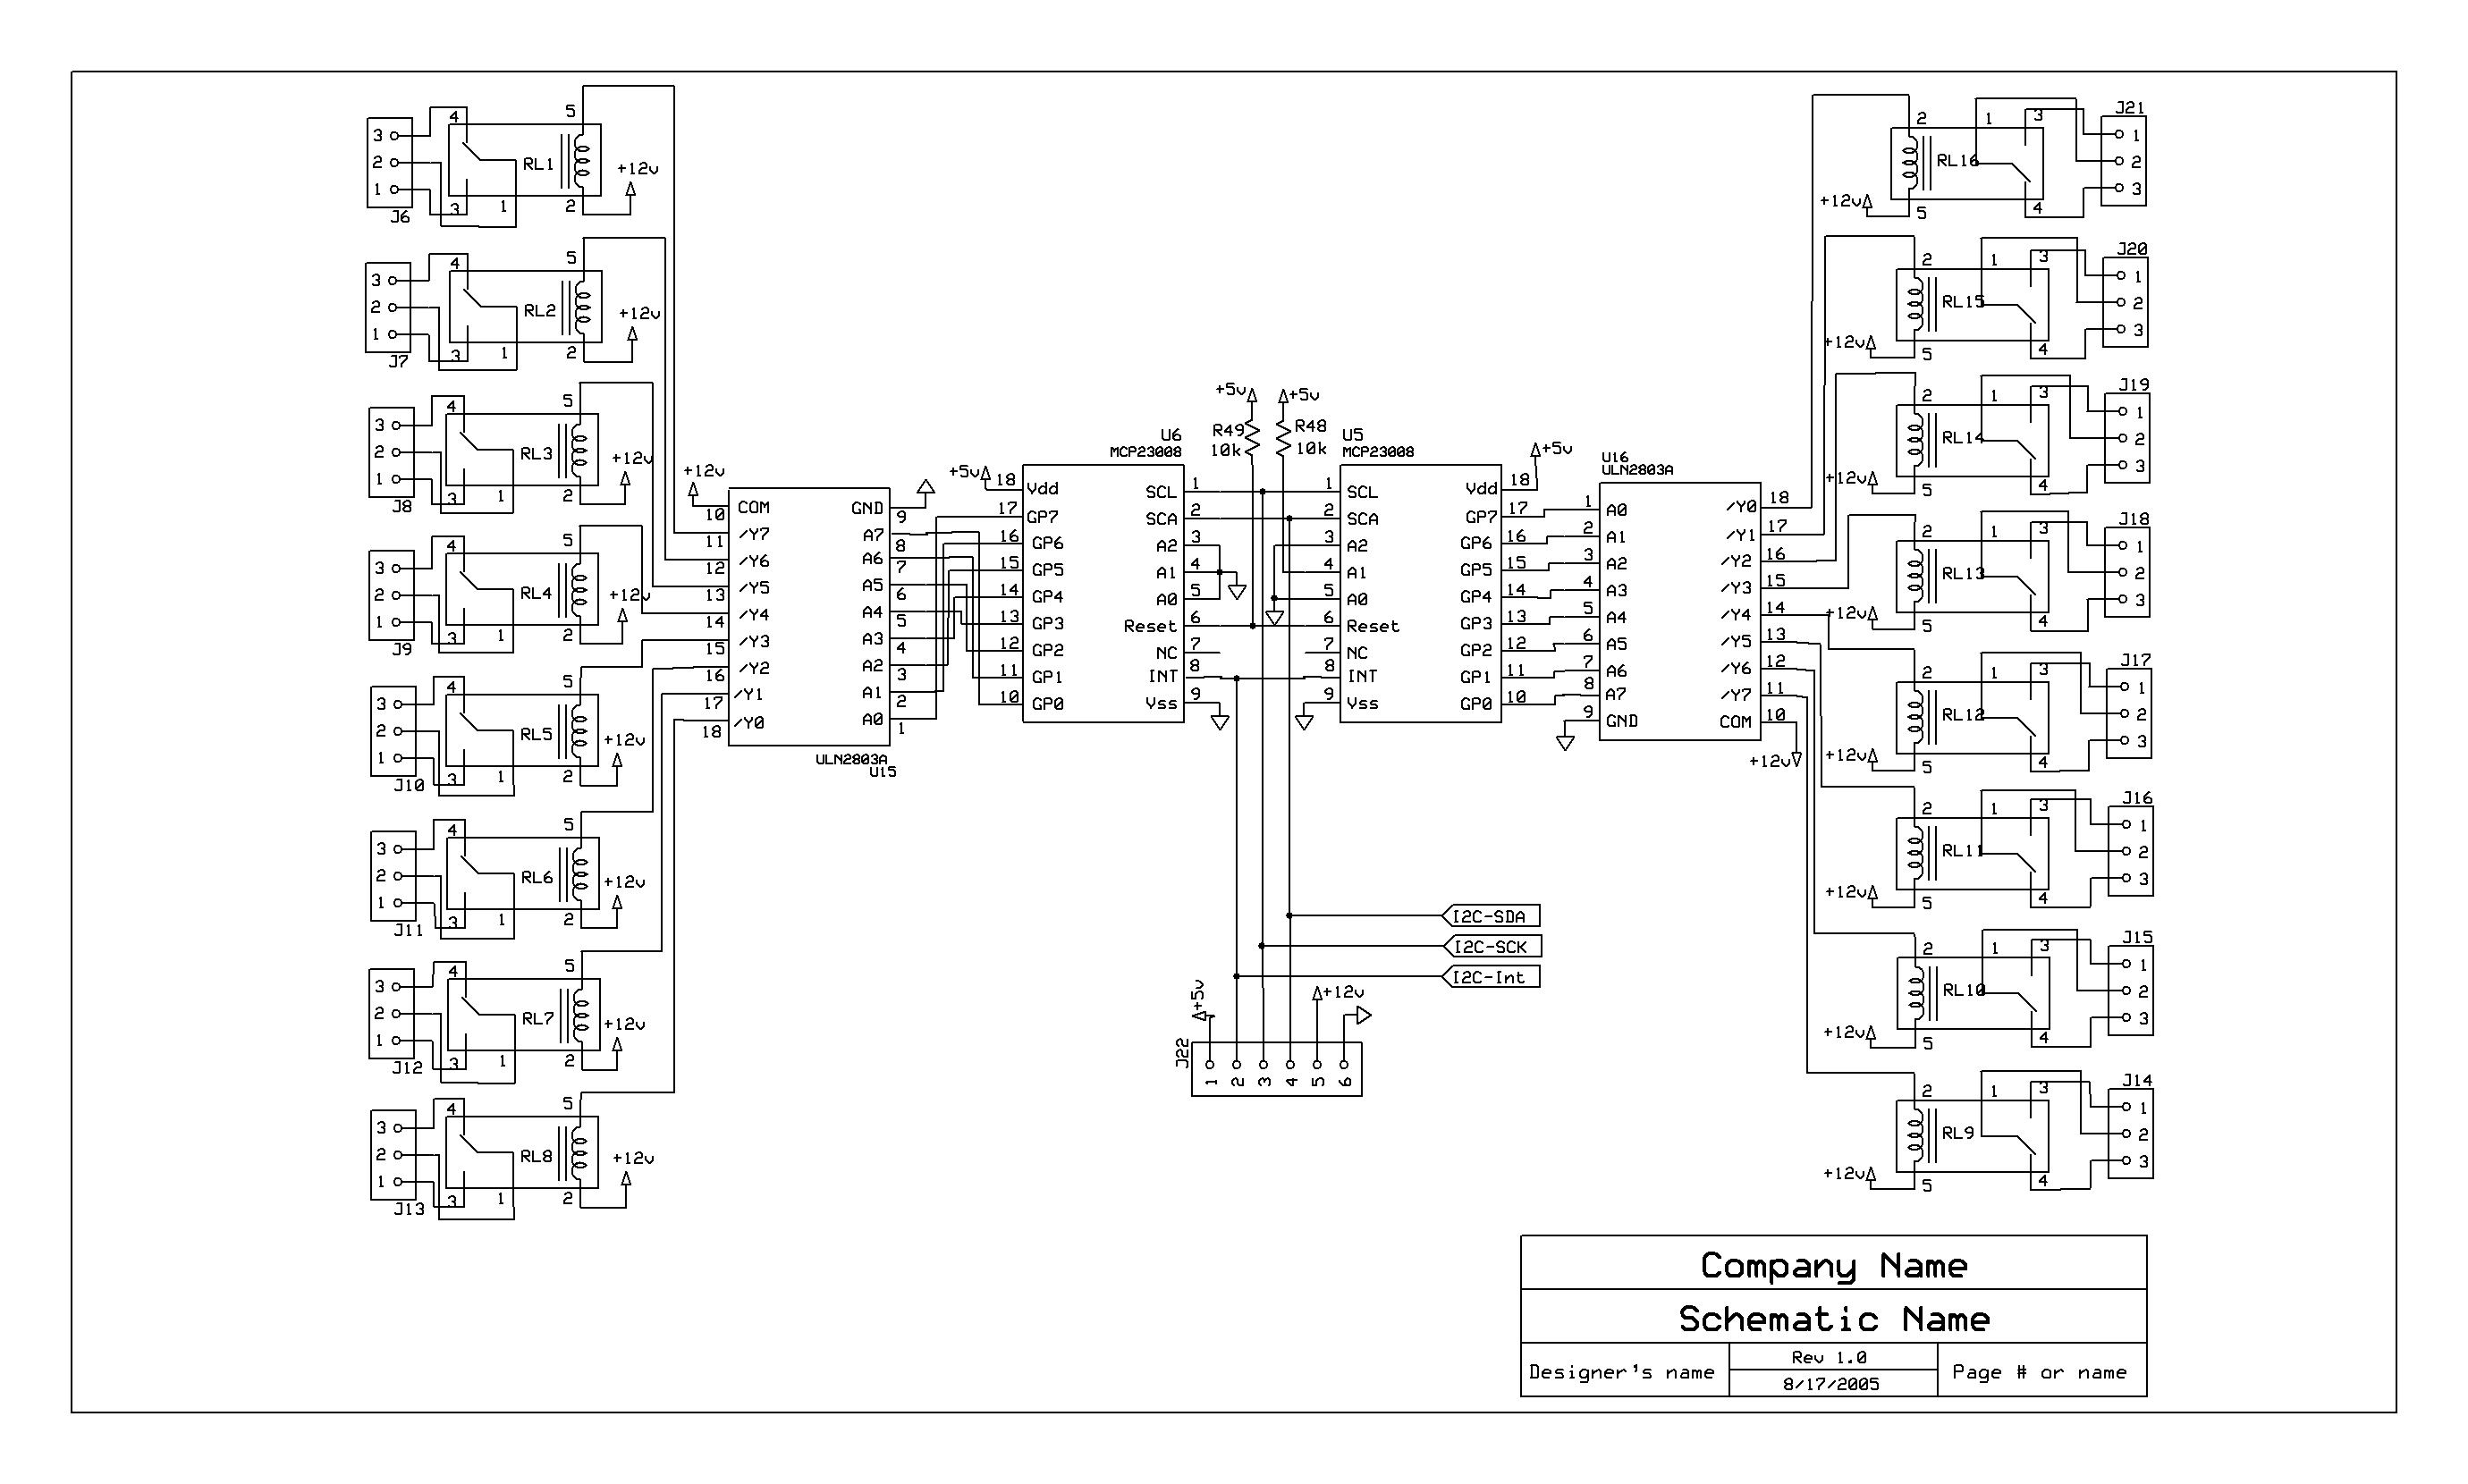 K 16Ls Schematic